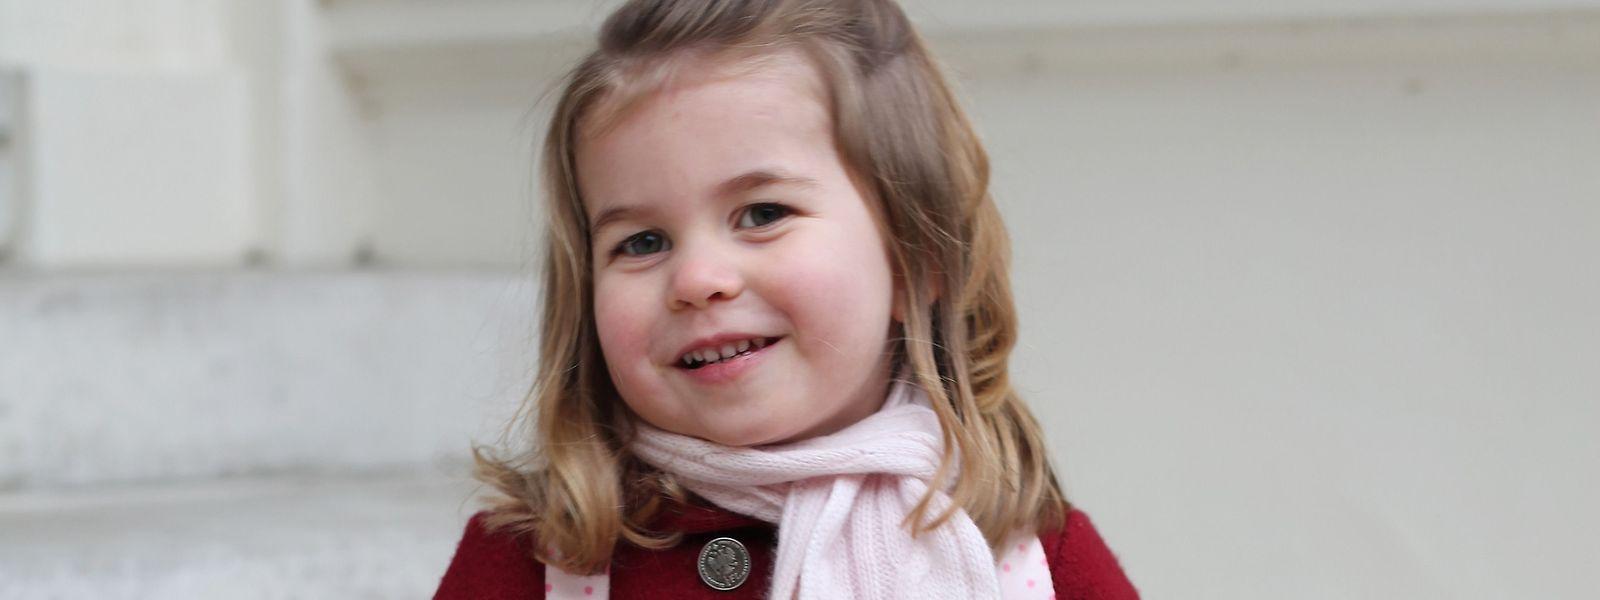 Die zweijährige Prinzessin Charlotte scheint sich auf den ersten Tag im Kindergarten zu freuen.